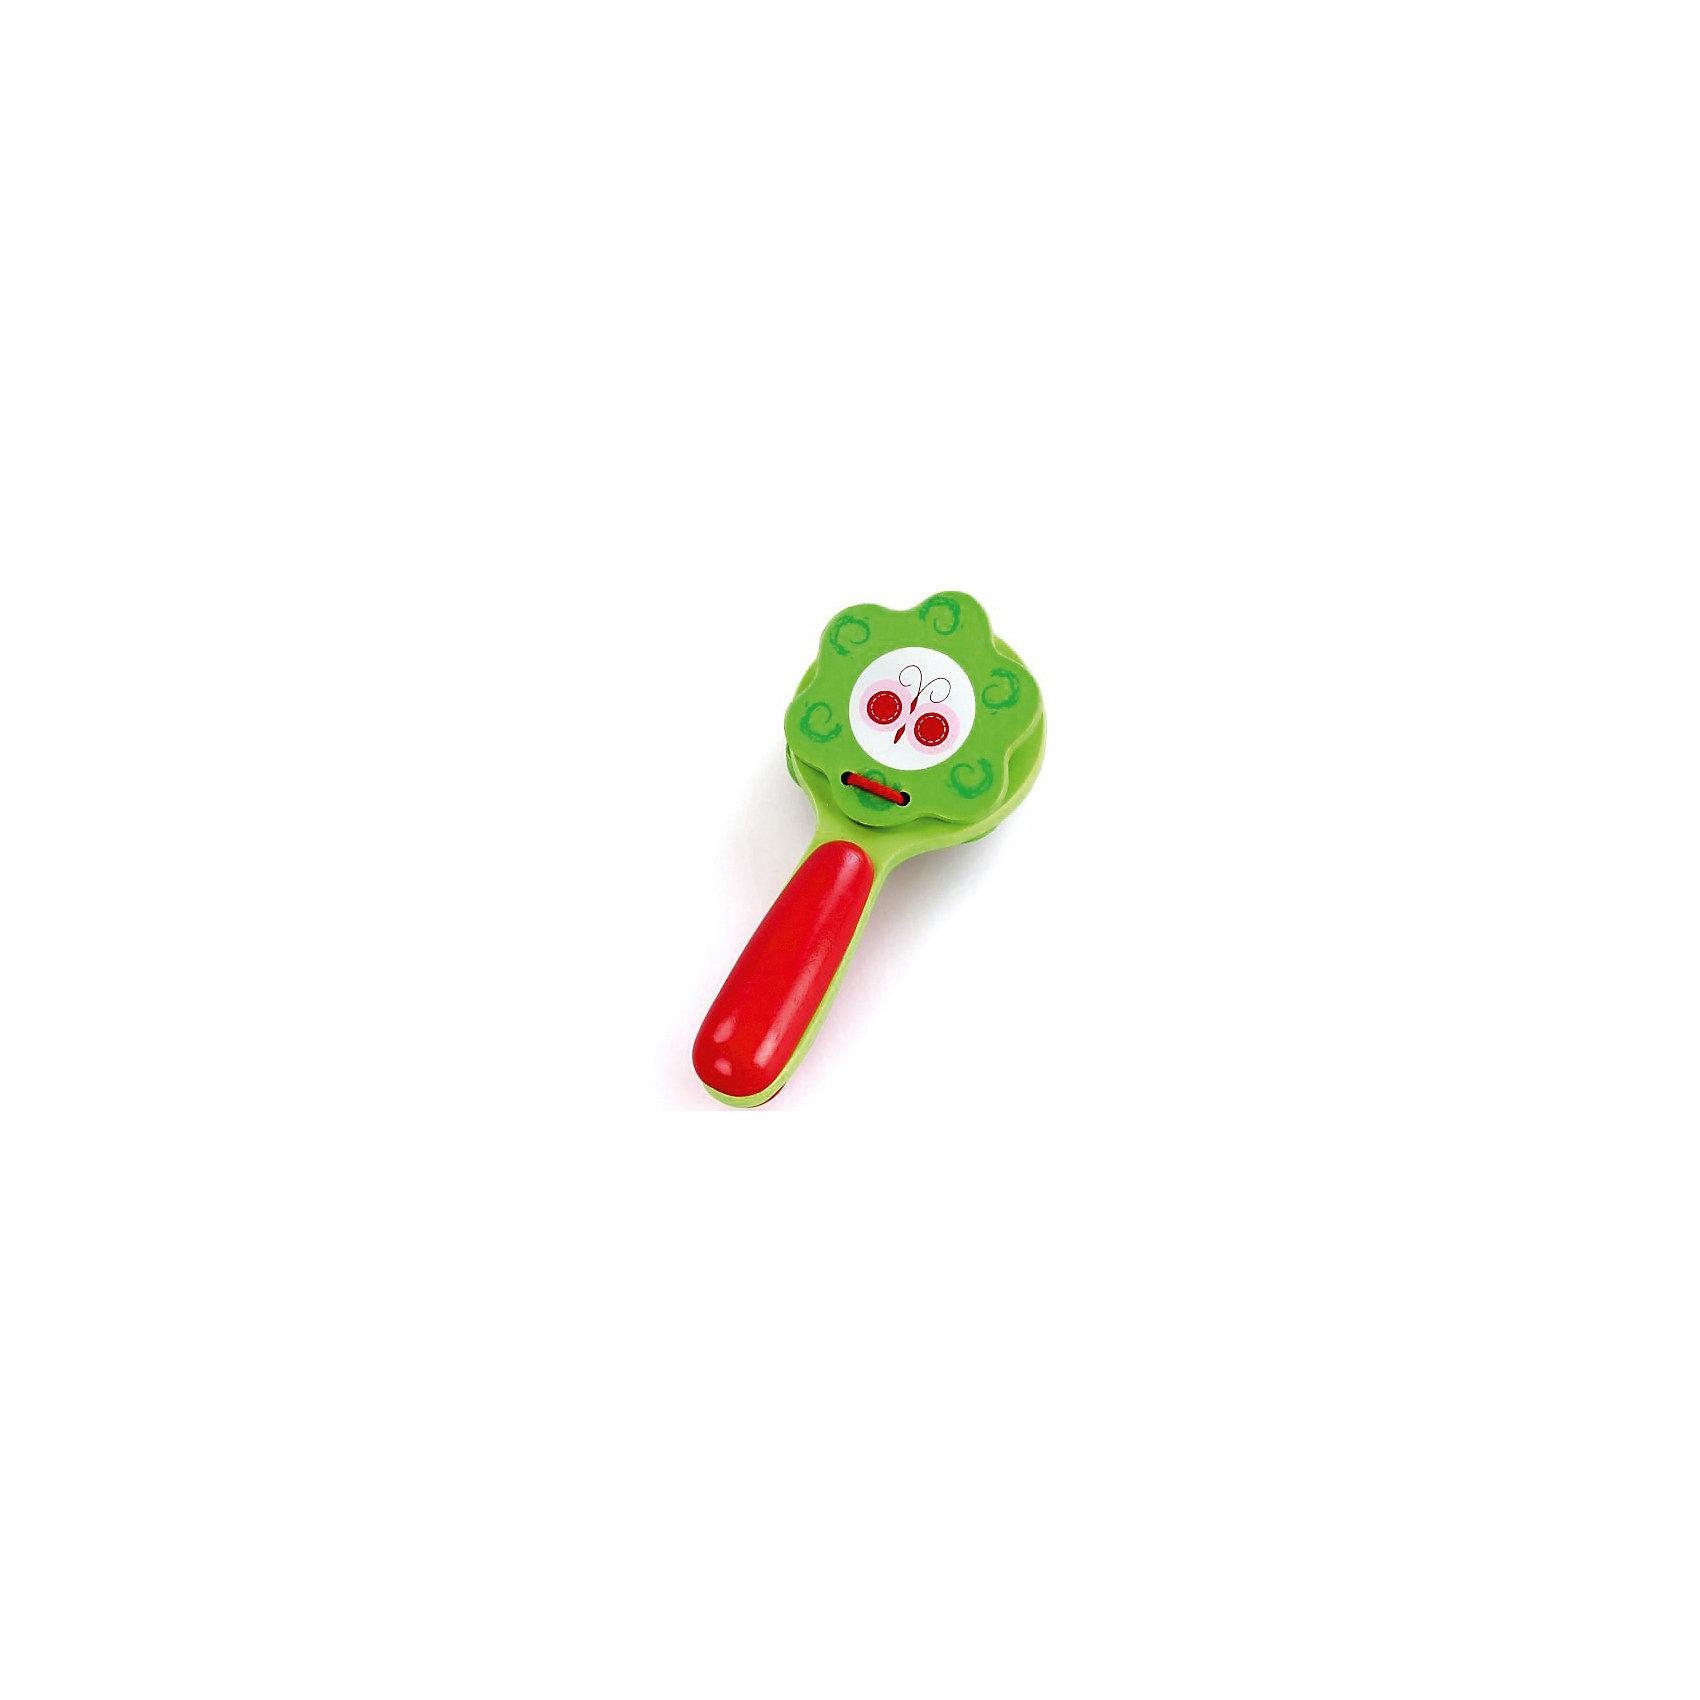 Трещотка, красно-зеленая, MapachaМузыкальные инструменты и игрушки<br>Трещотка, красно-зеленая от популярного бренда развивающих детских товаров Mapacha (Мапача) развлечет вашего ребенка. Шумная и интересная игрушка-трещотка создает звуки если потрясти ее как погремушку. Игрушка изготовлена из экологически чистого и натурального материала – дерева, отлично отшлифована и окрашена в яркие цвета безопасными для детейкрасками. Эта трещотка развивает звуковое восприятие ребенка, моторику рук, внимание, воображение и положительно влияет на психологическое развитие. <br><br>Дополнительная информация:<br><br>- В комплект входит: 1 трещотка<br>- Материал: дерево <br>- Размер: 8 * 3 * 12<br>- Вес: 0,59 кг.<br><br>Трещотку, красно-зеленую, Mapacha (Мапача) можно купить в нашем интернет-магазине.<br><br>Подробнее:<br>• Для детей в возрасте: от 1 до 5 лет<br>• Номер товара: 4925601<br>Страна производитель: Китай<br><br>Ширина мм: 80<br>Глубина мм: 30<br>Высота мм: 190<br>Вес г: 5<br>Возраст от месяцев: 180<br>Возраст до месяцев: 84<br>Пол: Унисекс<br>Возраст: Детский<br>SKU: 4925601